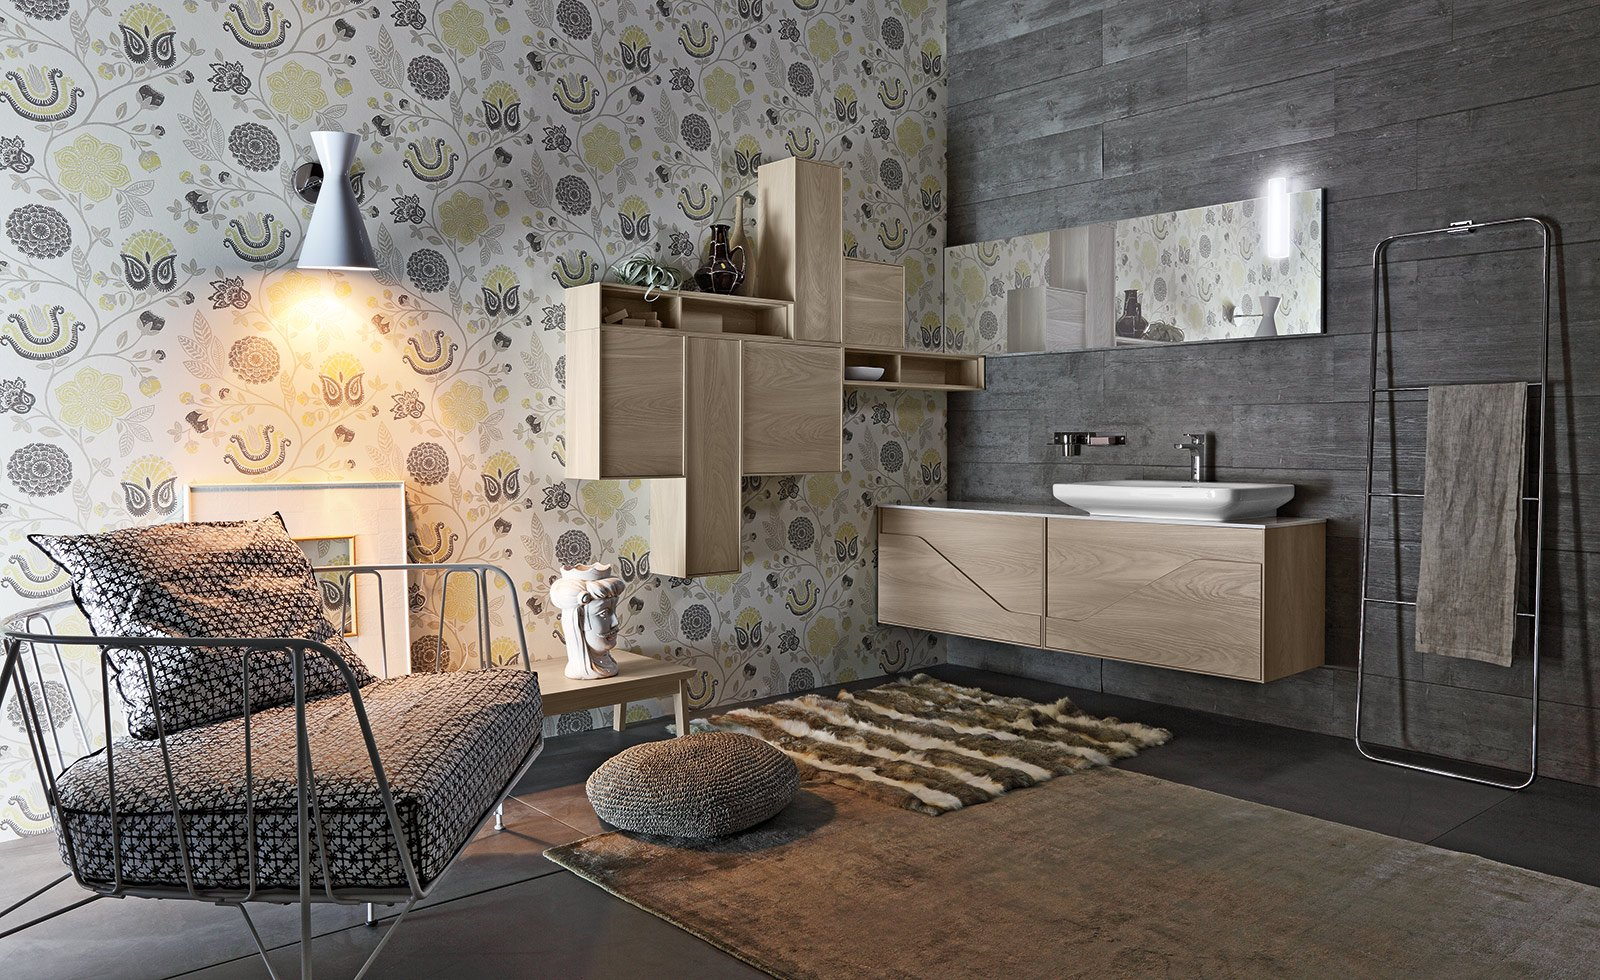 Mobile lavabo a terra sospeso ed extraslim cose di casa for Apri le foto di case di concetto